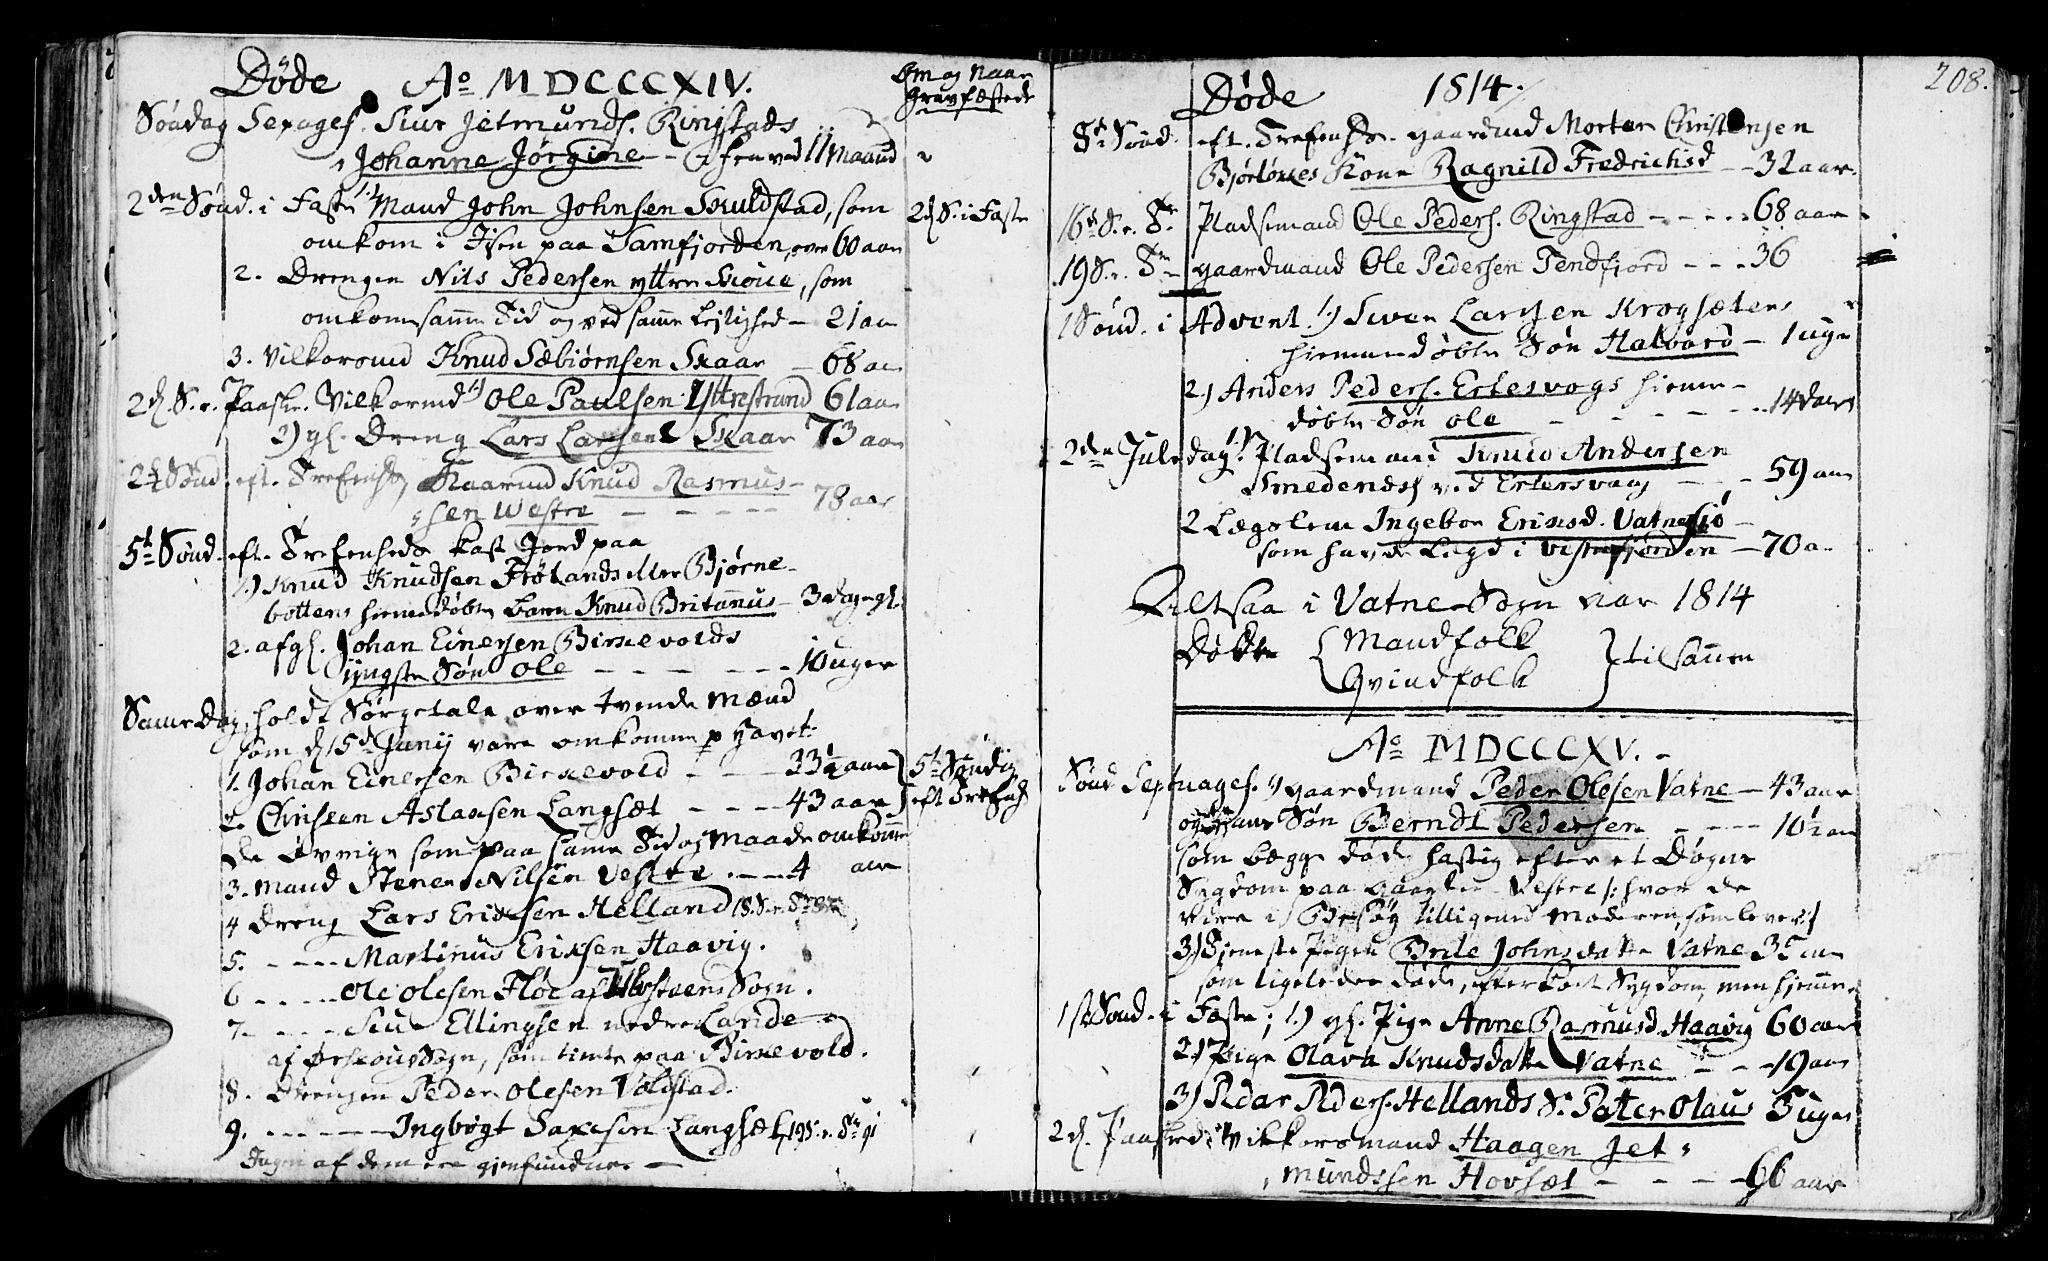 SAT, Ministerialprotokoller, klokkerbøker og fødselsregistre - Møre og Romsdal, 525/L0372: Ministerialbok nr. 525A02, 1778-1817, s. 208